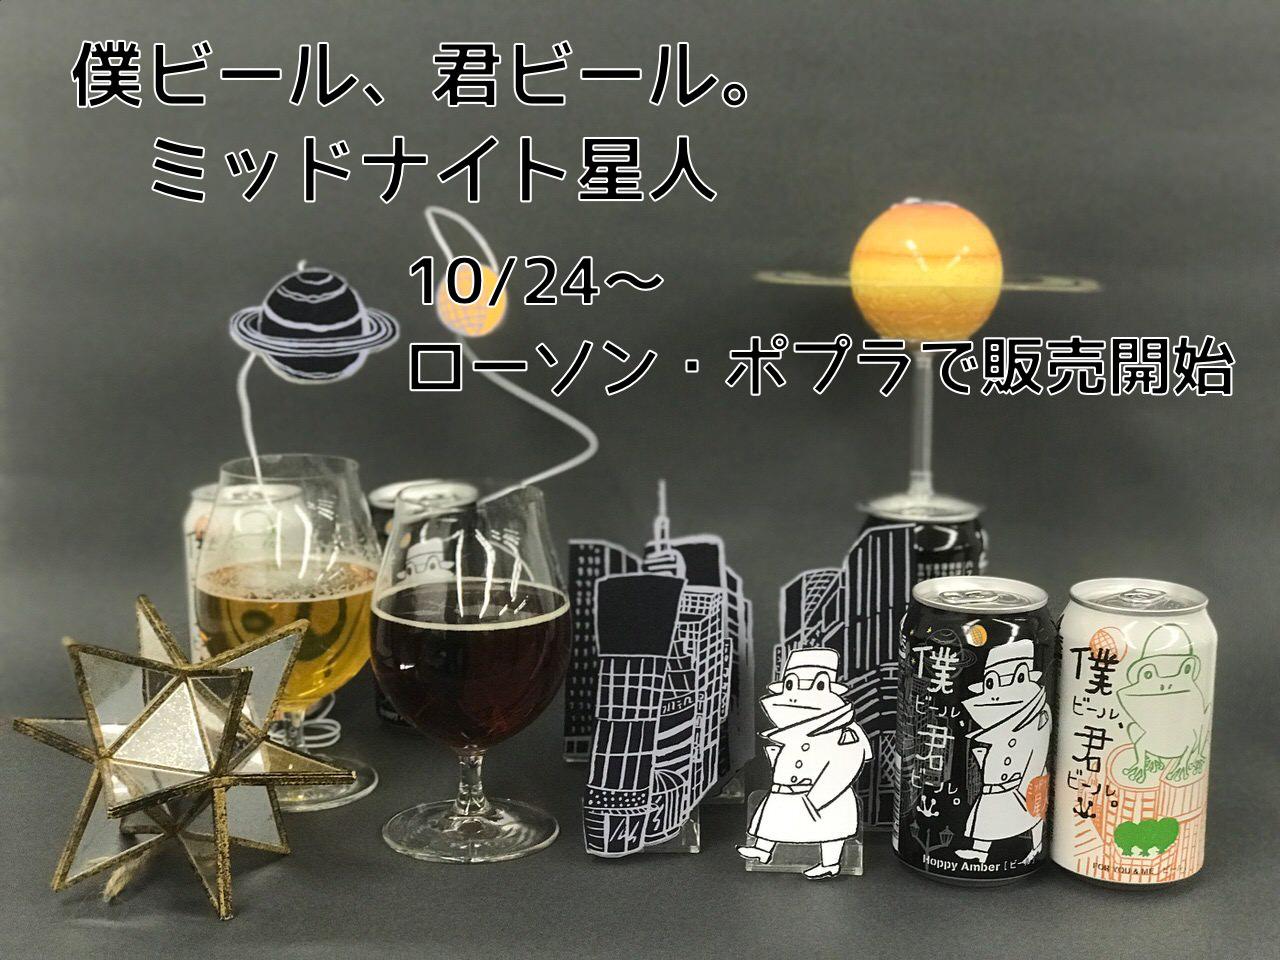 【PR】「僕ビール、君ビール。ミッドナイト星人」新ビアスタイル・ホッピーアンバー、10/24よりローソンで発売開始